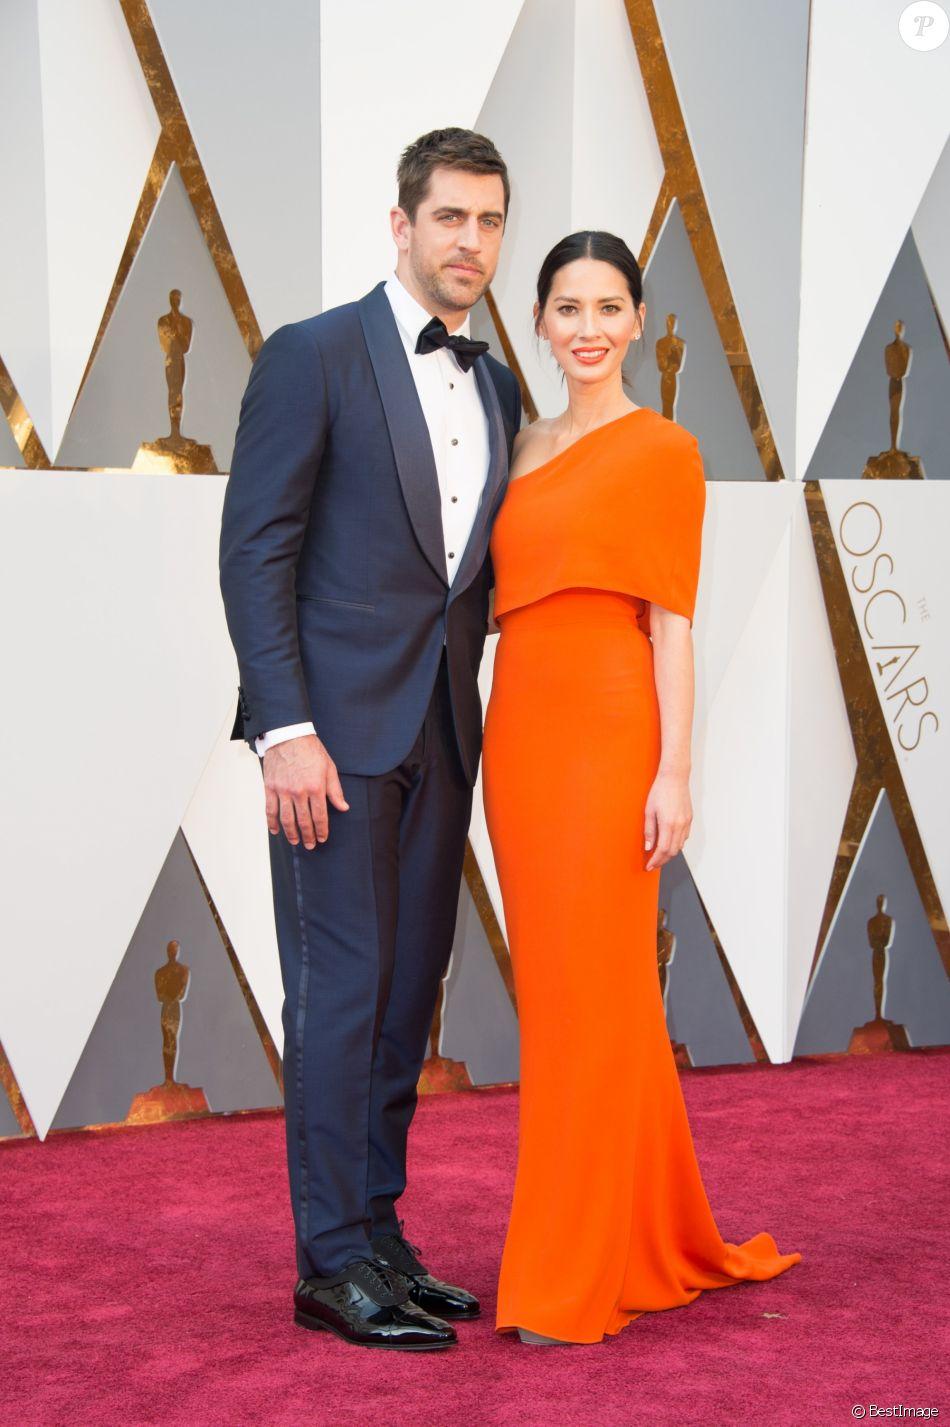 Olivia Munn et Aaron Rodgers - Photocall de la 88ème cérémonie des Oscars au Dolby Theatre à Hollywood. Le 28 février 2016